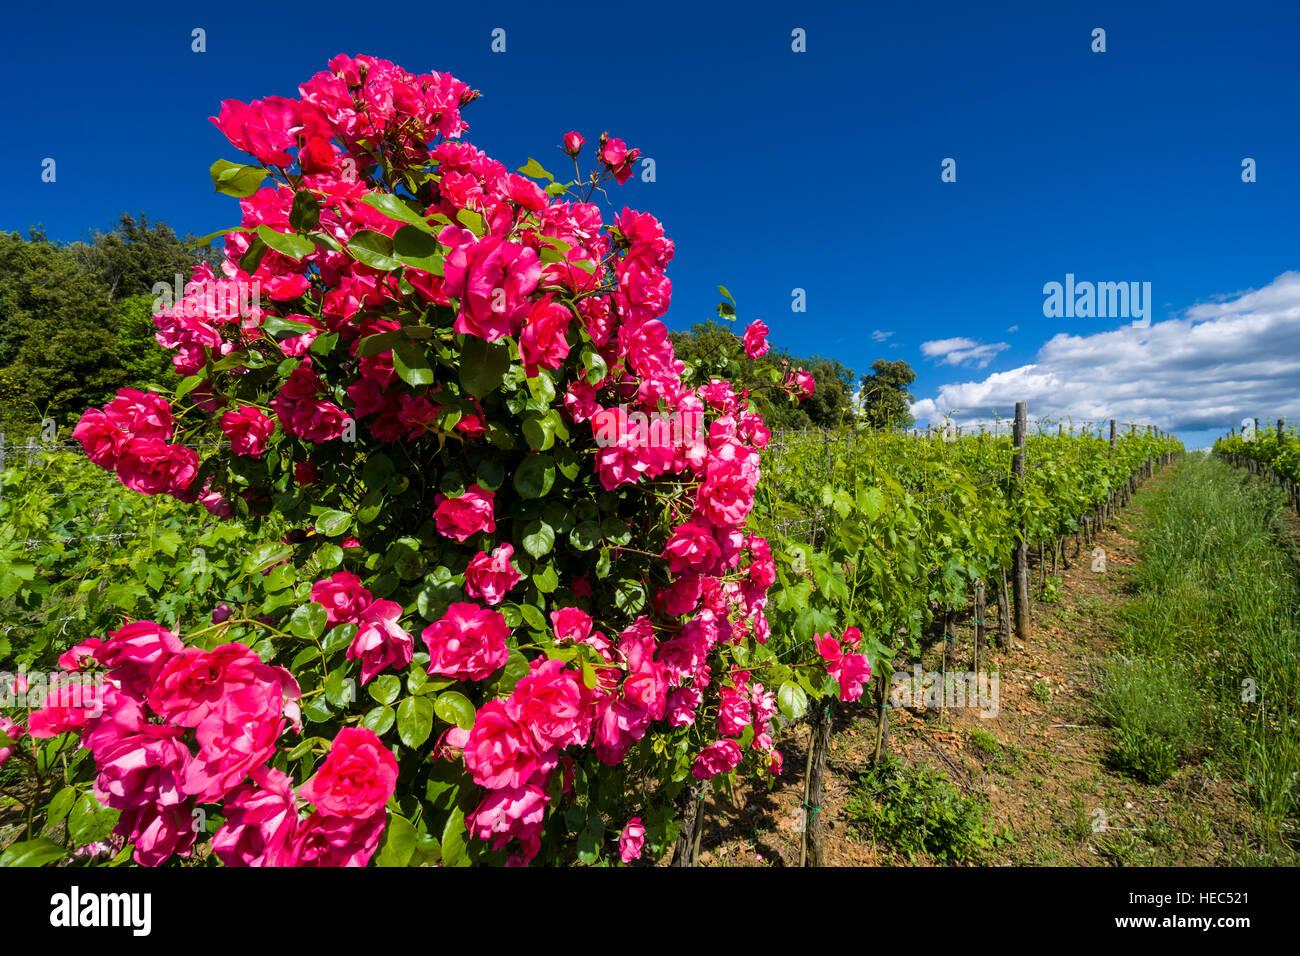 Verde Típico Paisaje Toscano En Val Dorcia Con Viñedos Flores